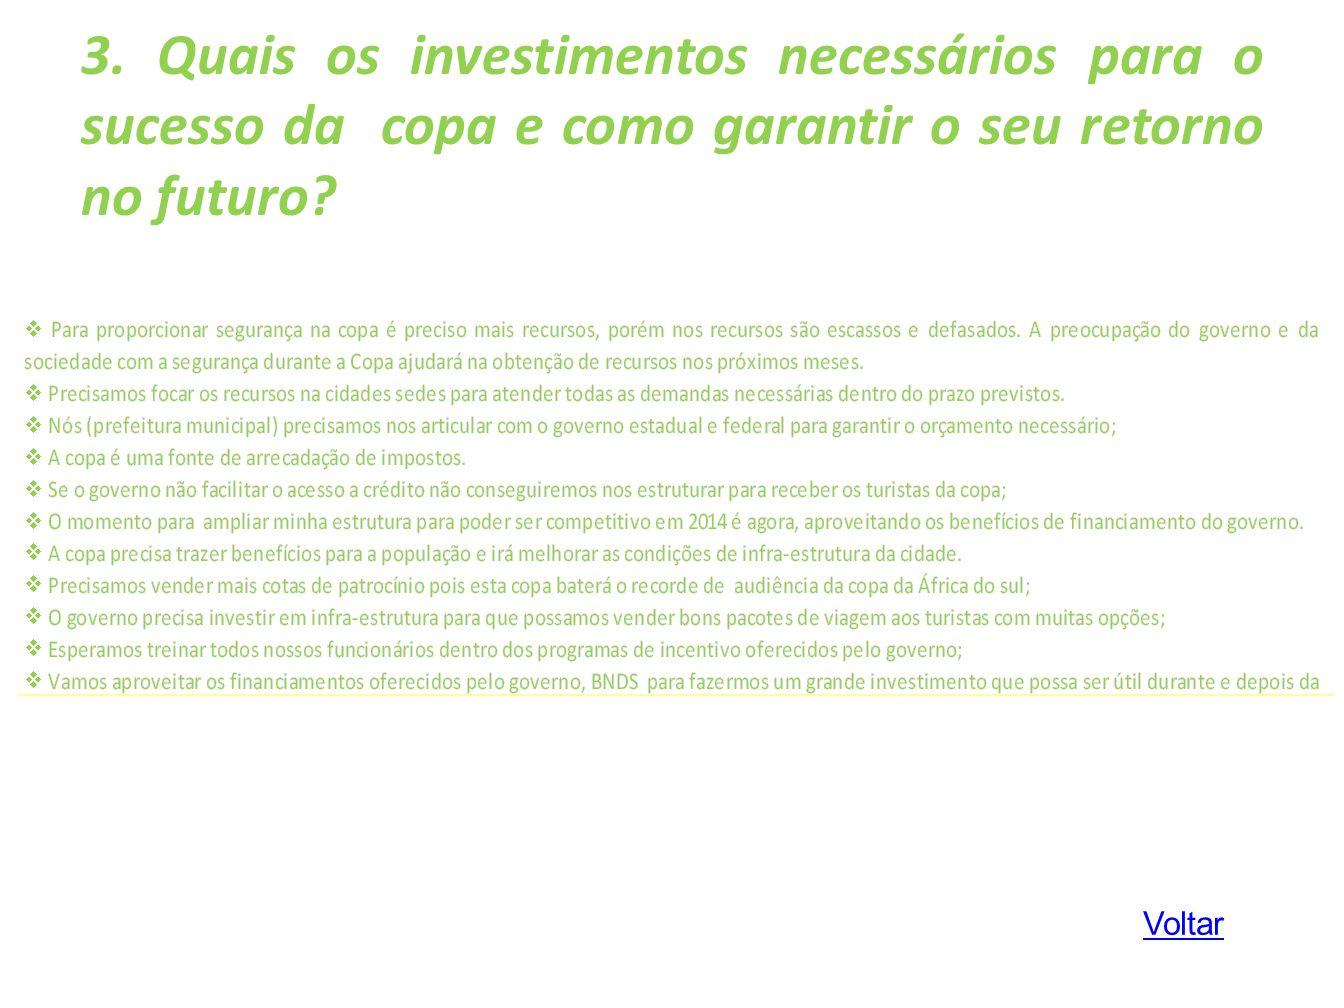 3. Quais os investimentos necessários para o sucesso da copa e como garantir o seu retorno no futuro? Voltar